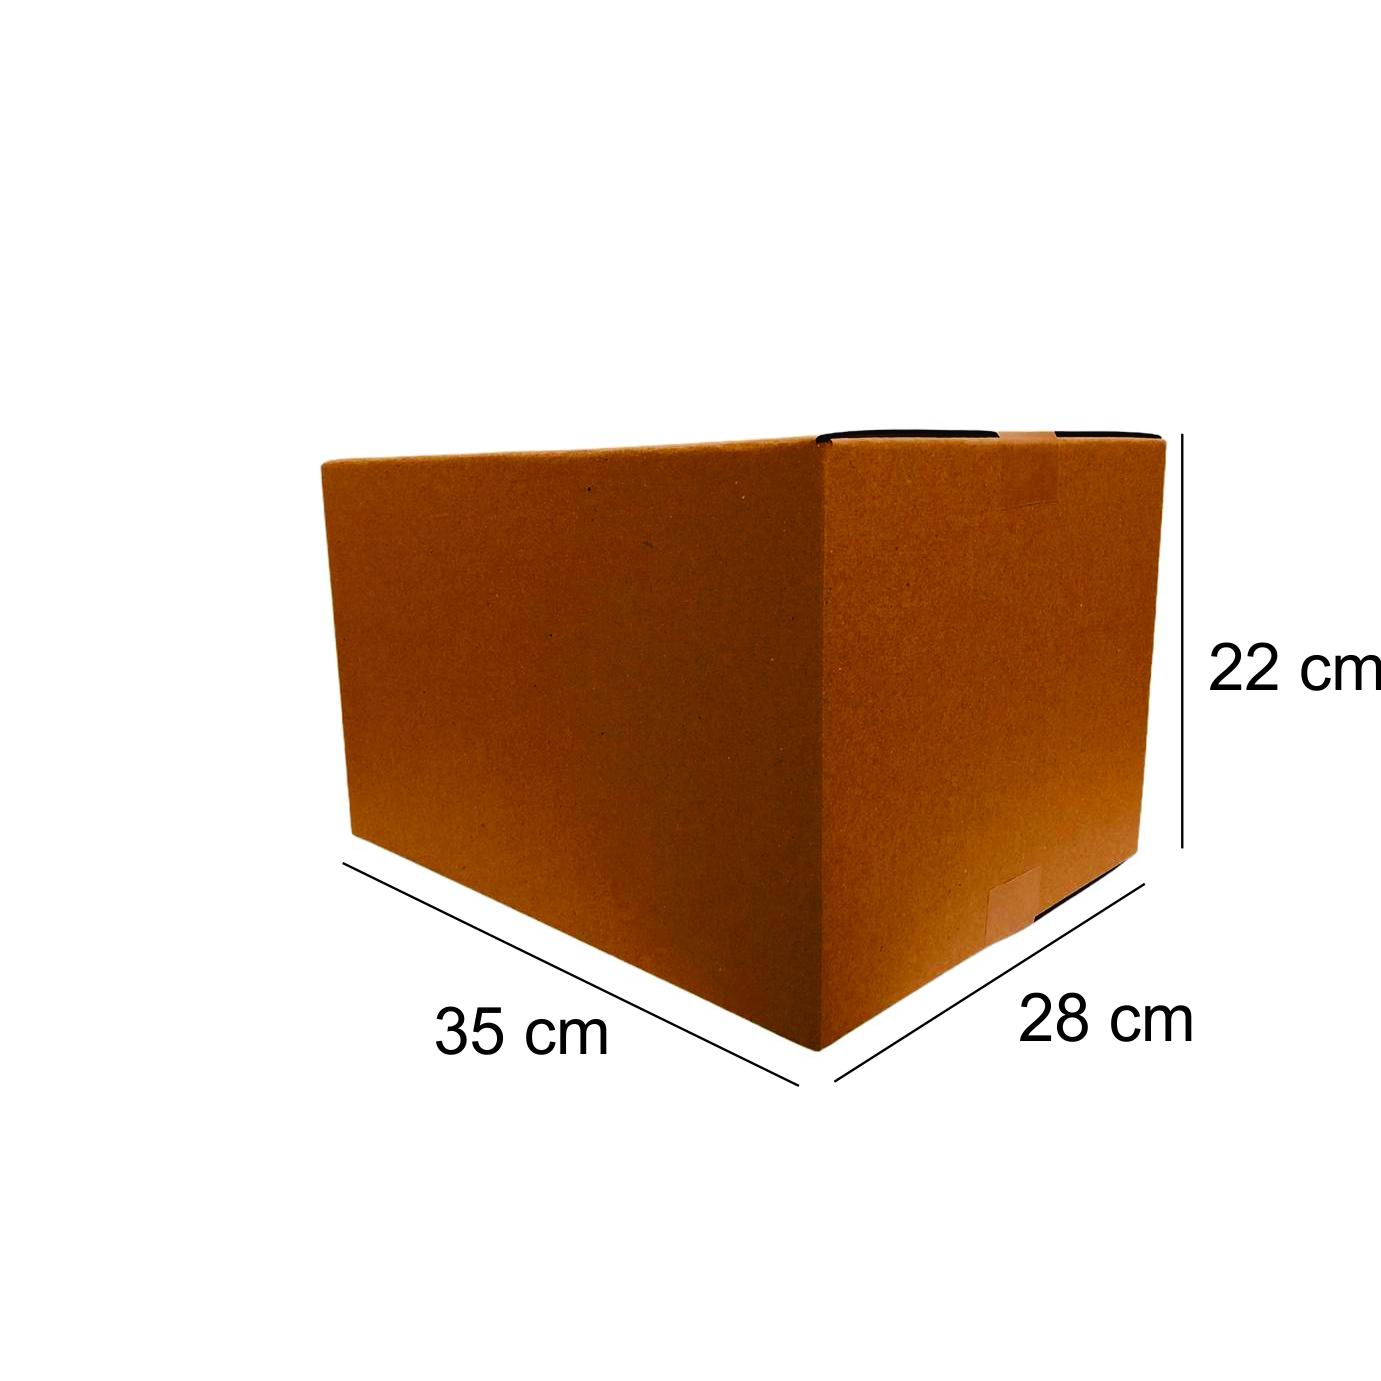 25 Caixas de Papelao (35X28X22)cm - Sedex / Pac / Correios